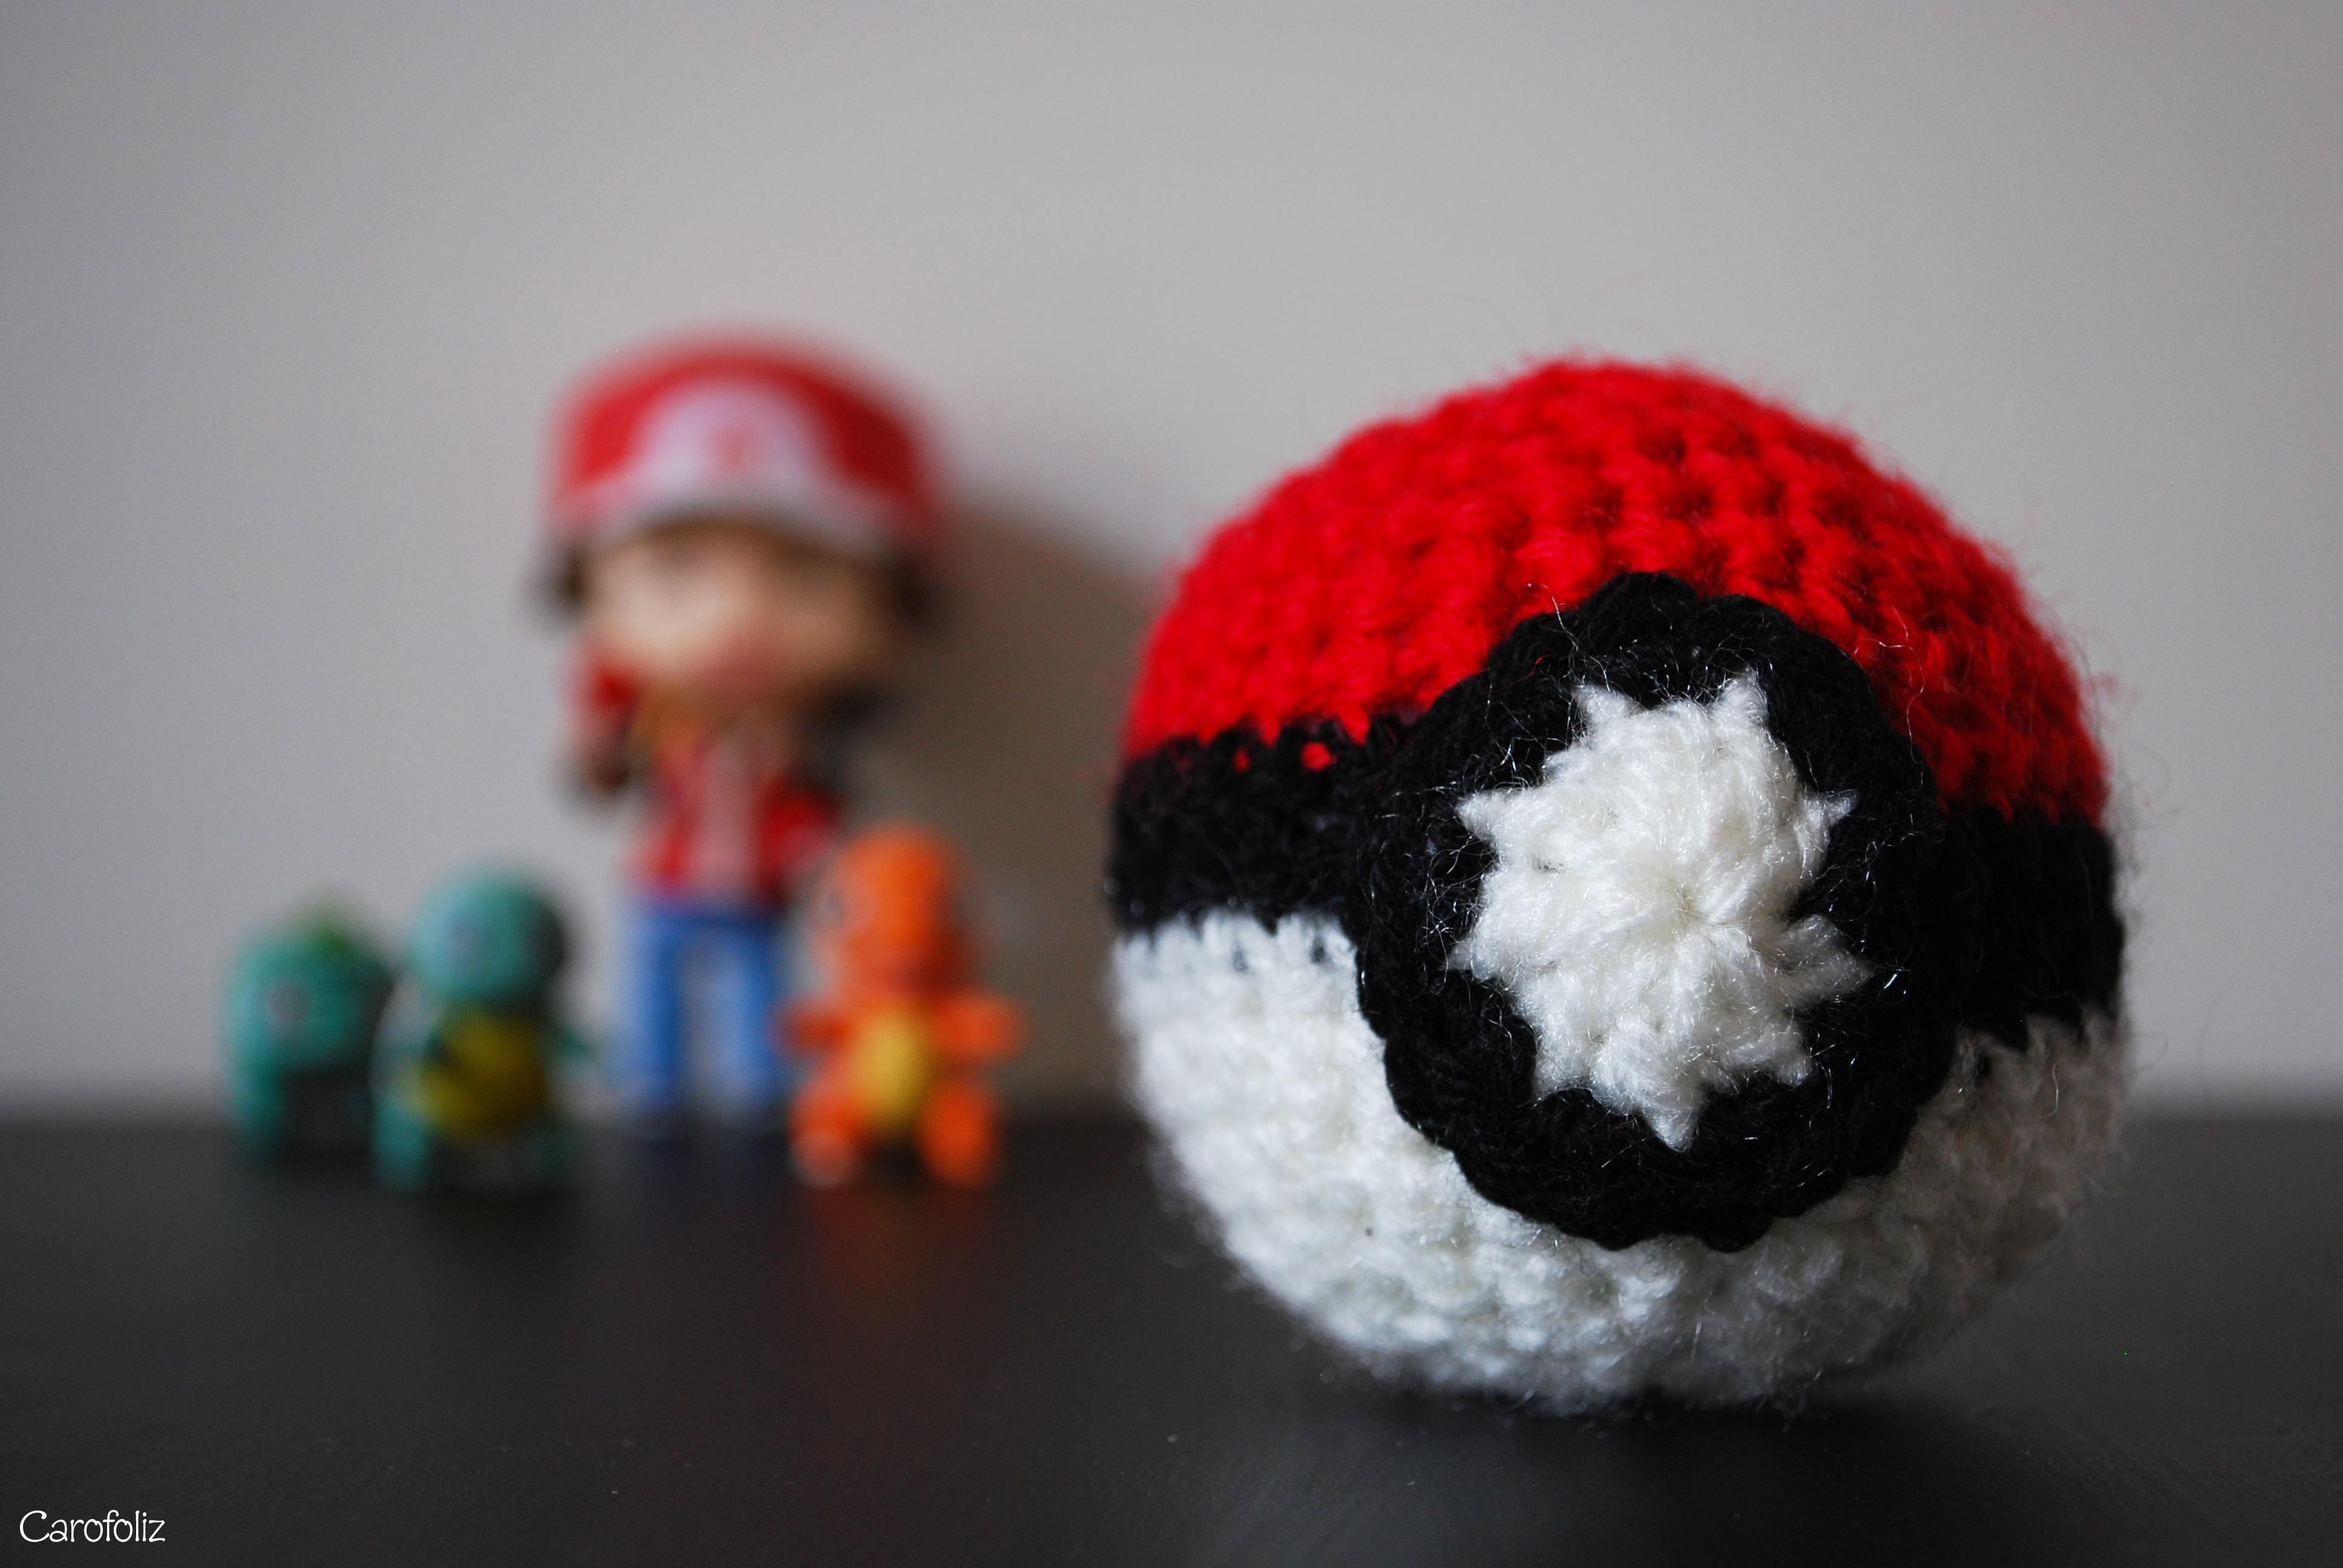 Tuto Pokémon Gratuit au Crochet et en Français | Crochet dysney ... | 2592x3872